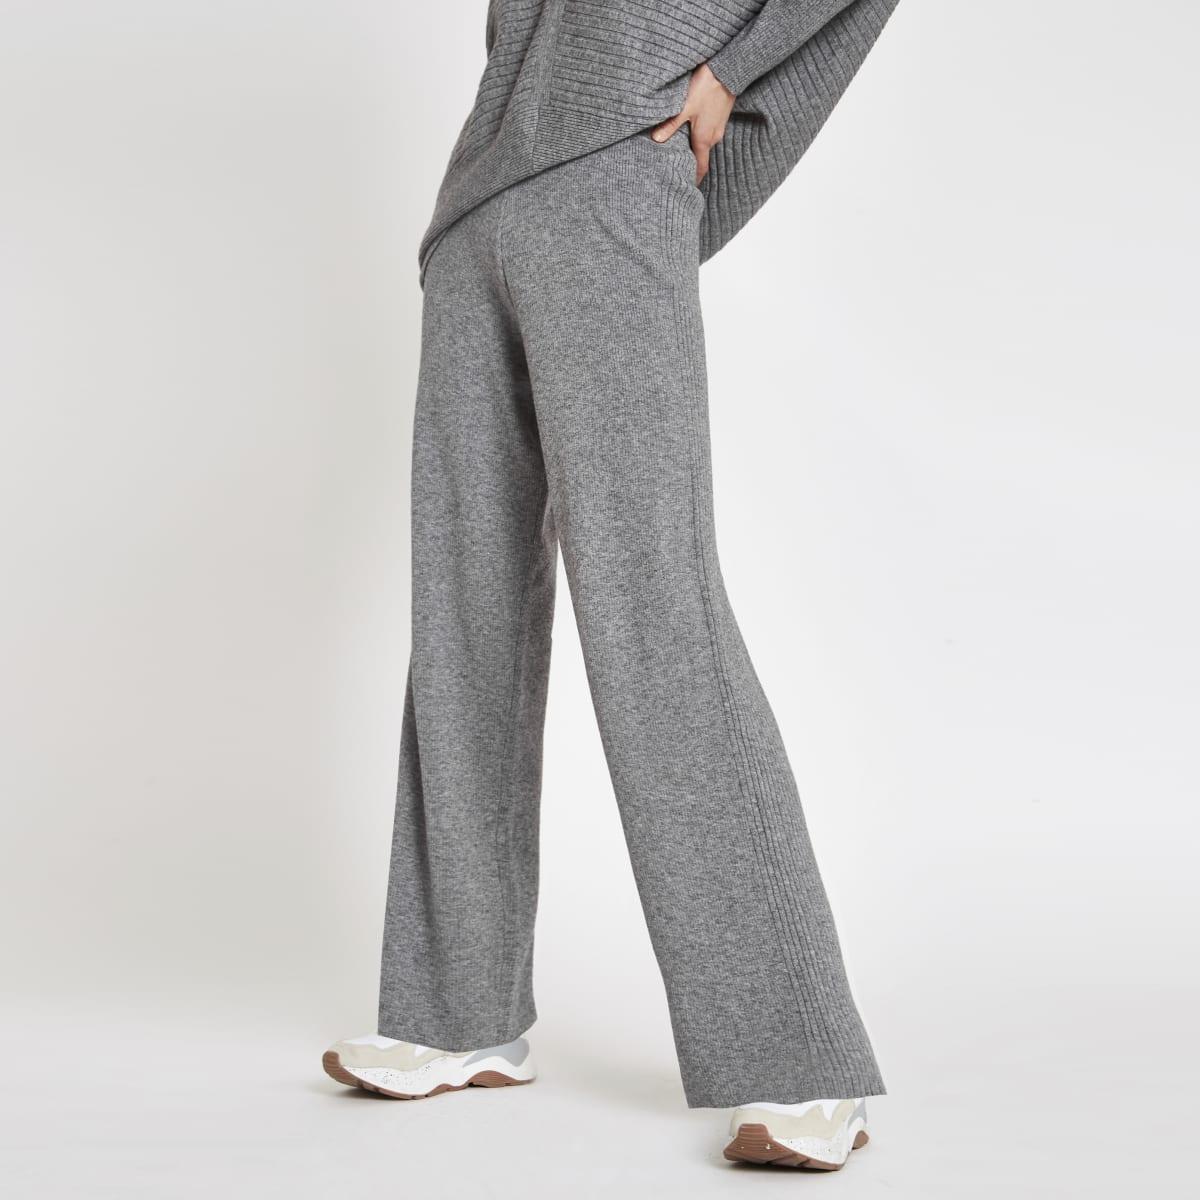 Grey knit wide leg pants